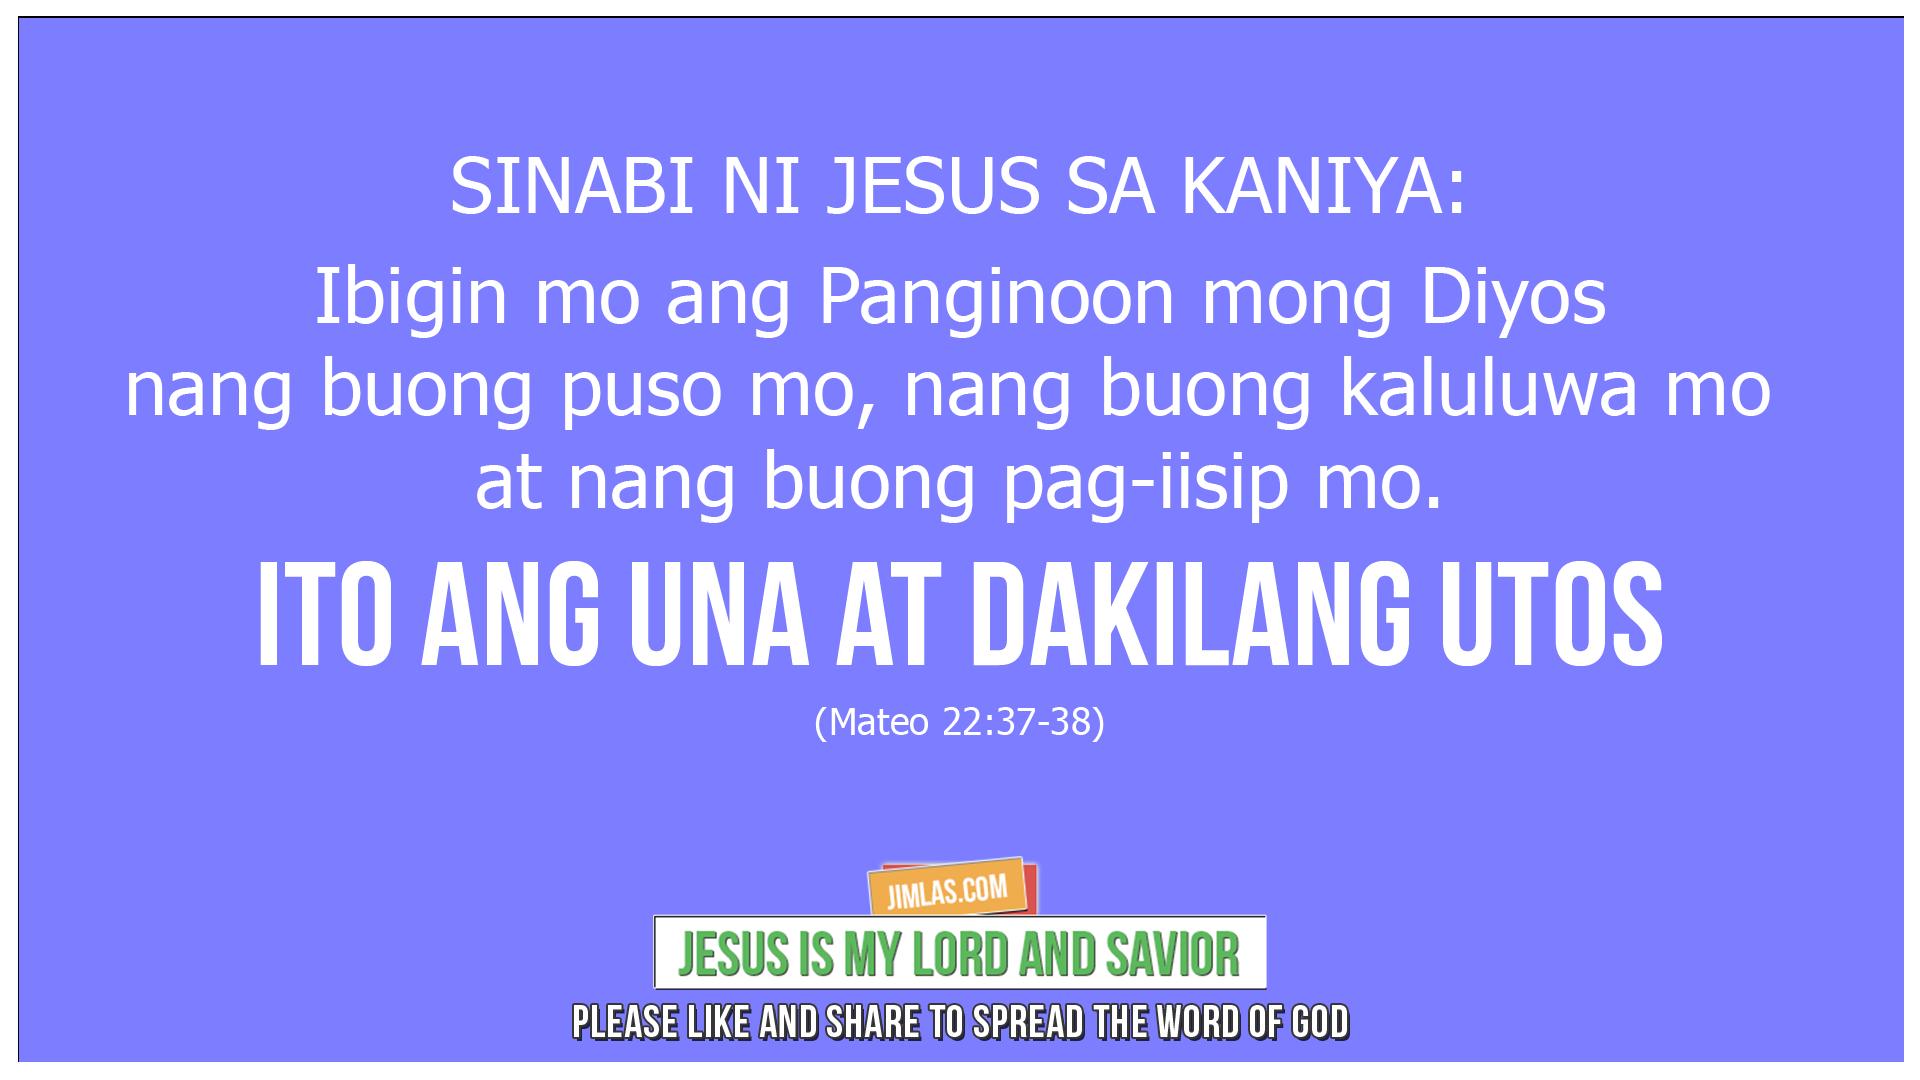 mateo 22 37 38, Mateo 22:37-38